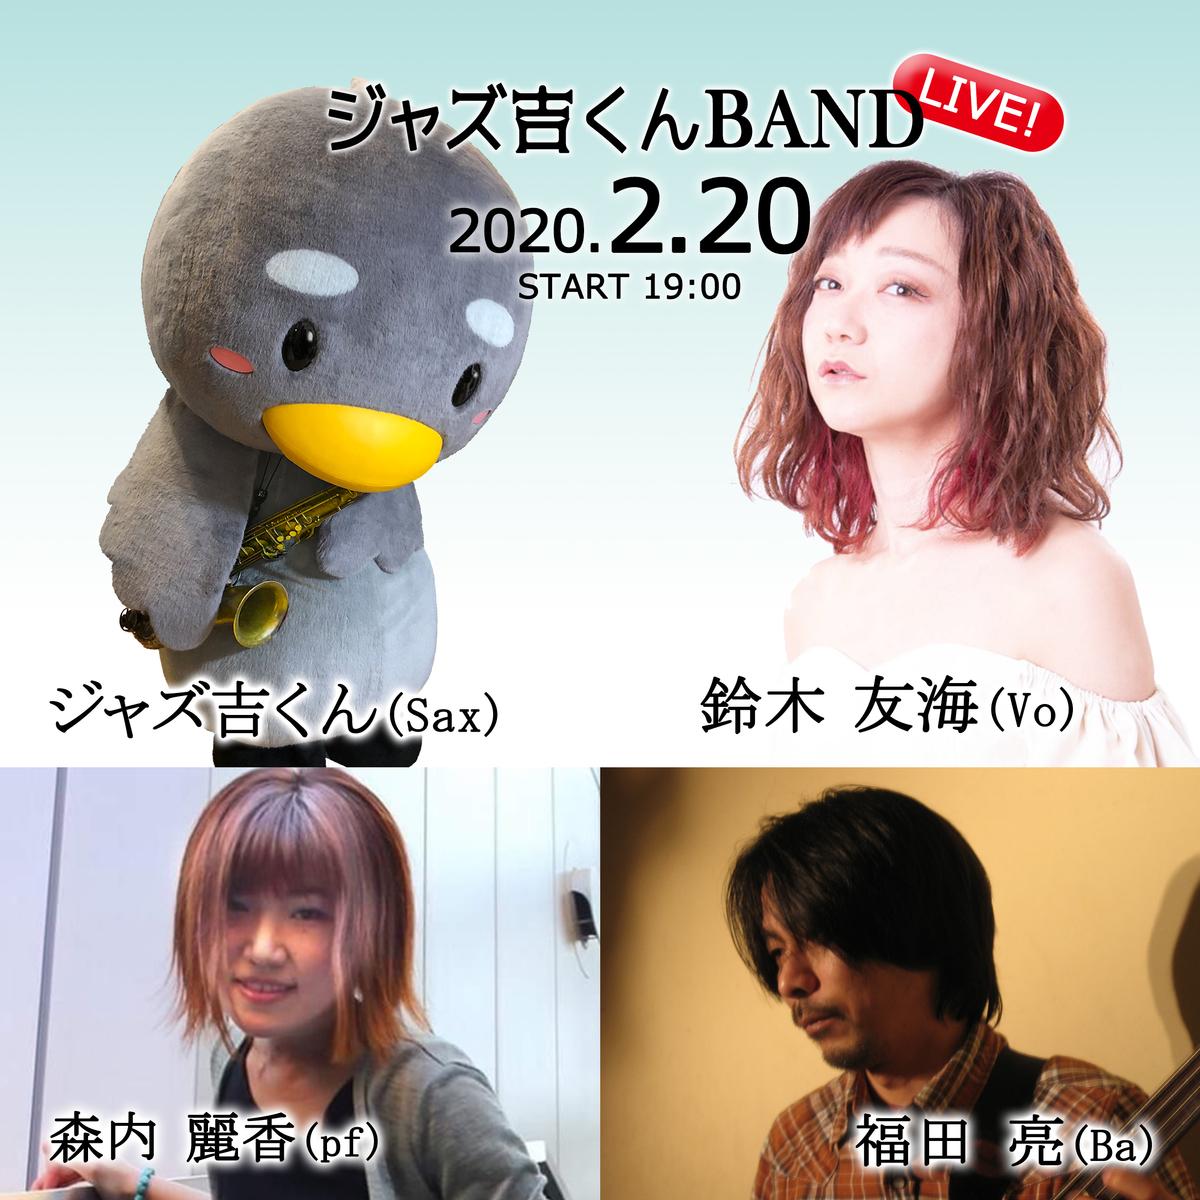 f:id:li-xiang:20210130155431j:plain